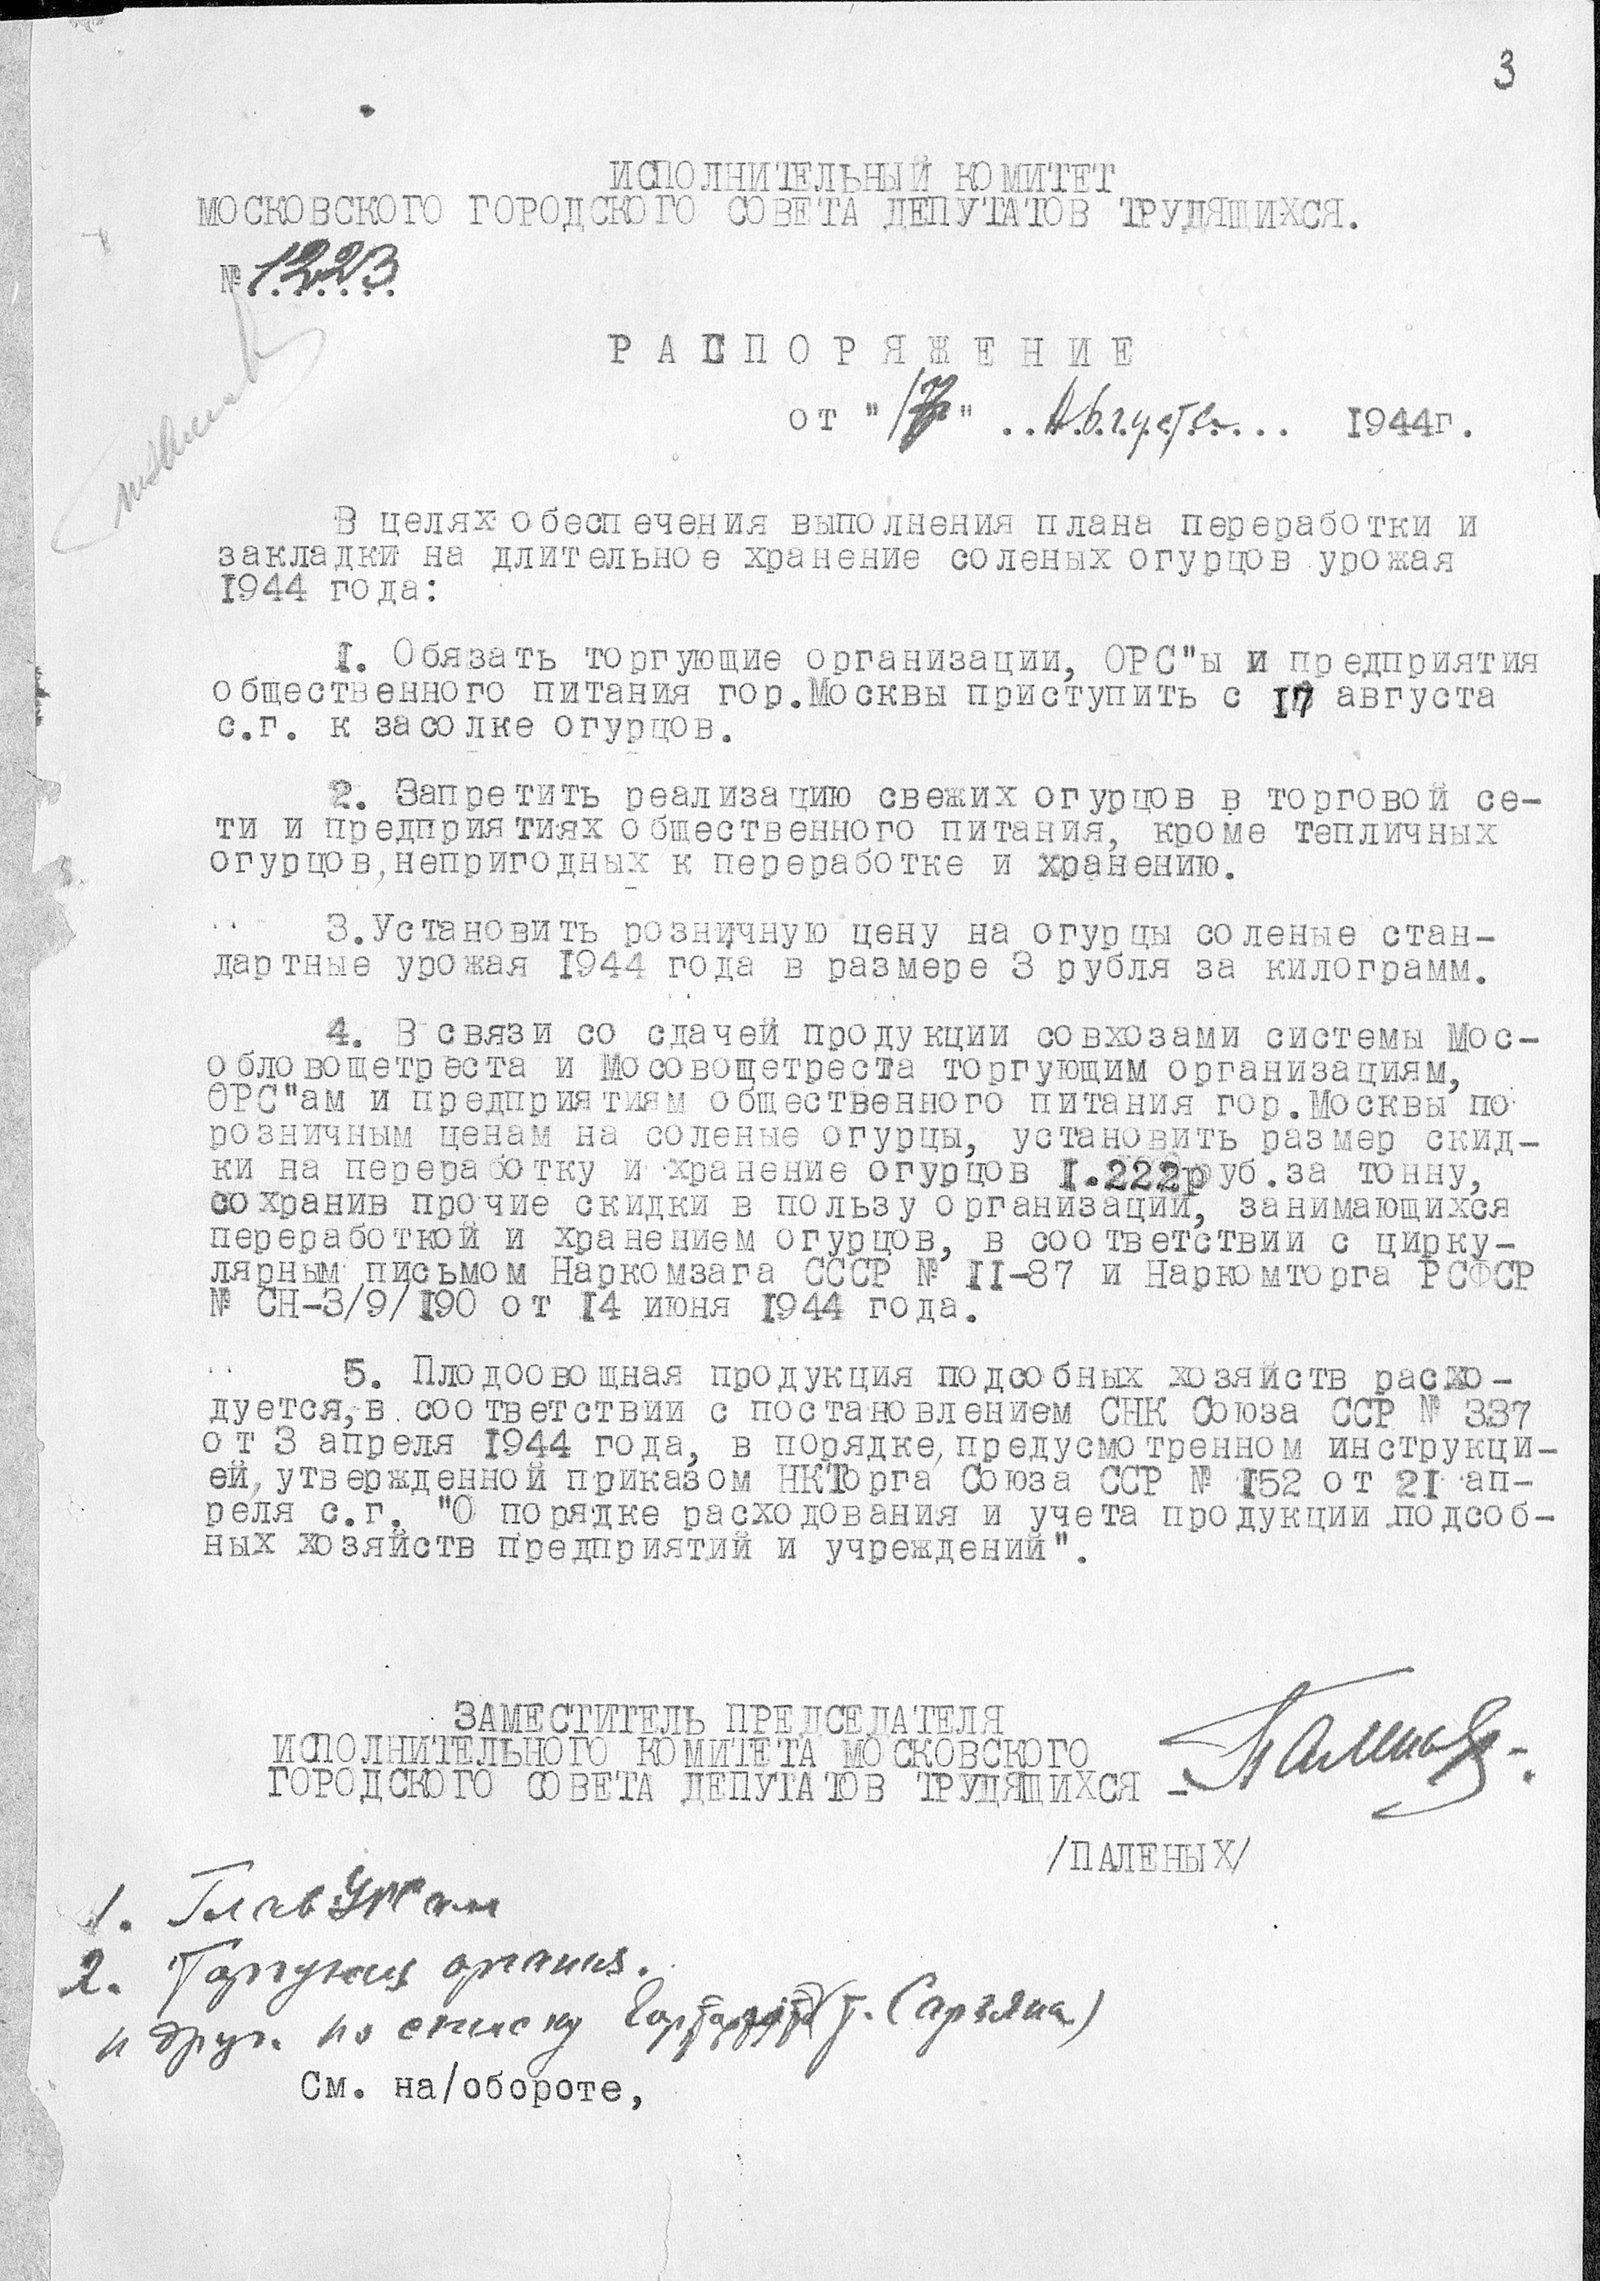 Распоряжение о выполнении плана переработки и закладки на длительное хранение соленых огурцов. 17 августа 1944 года. Главархив Москвы